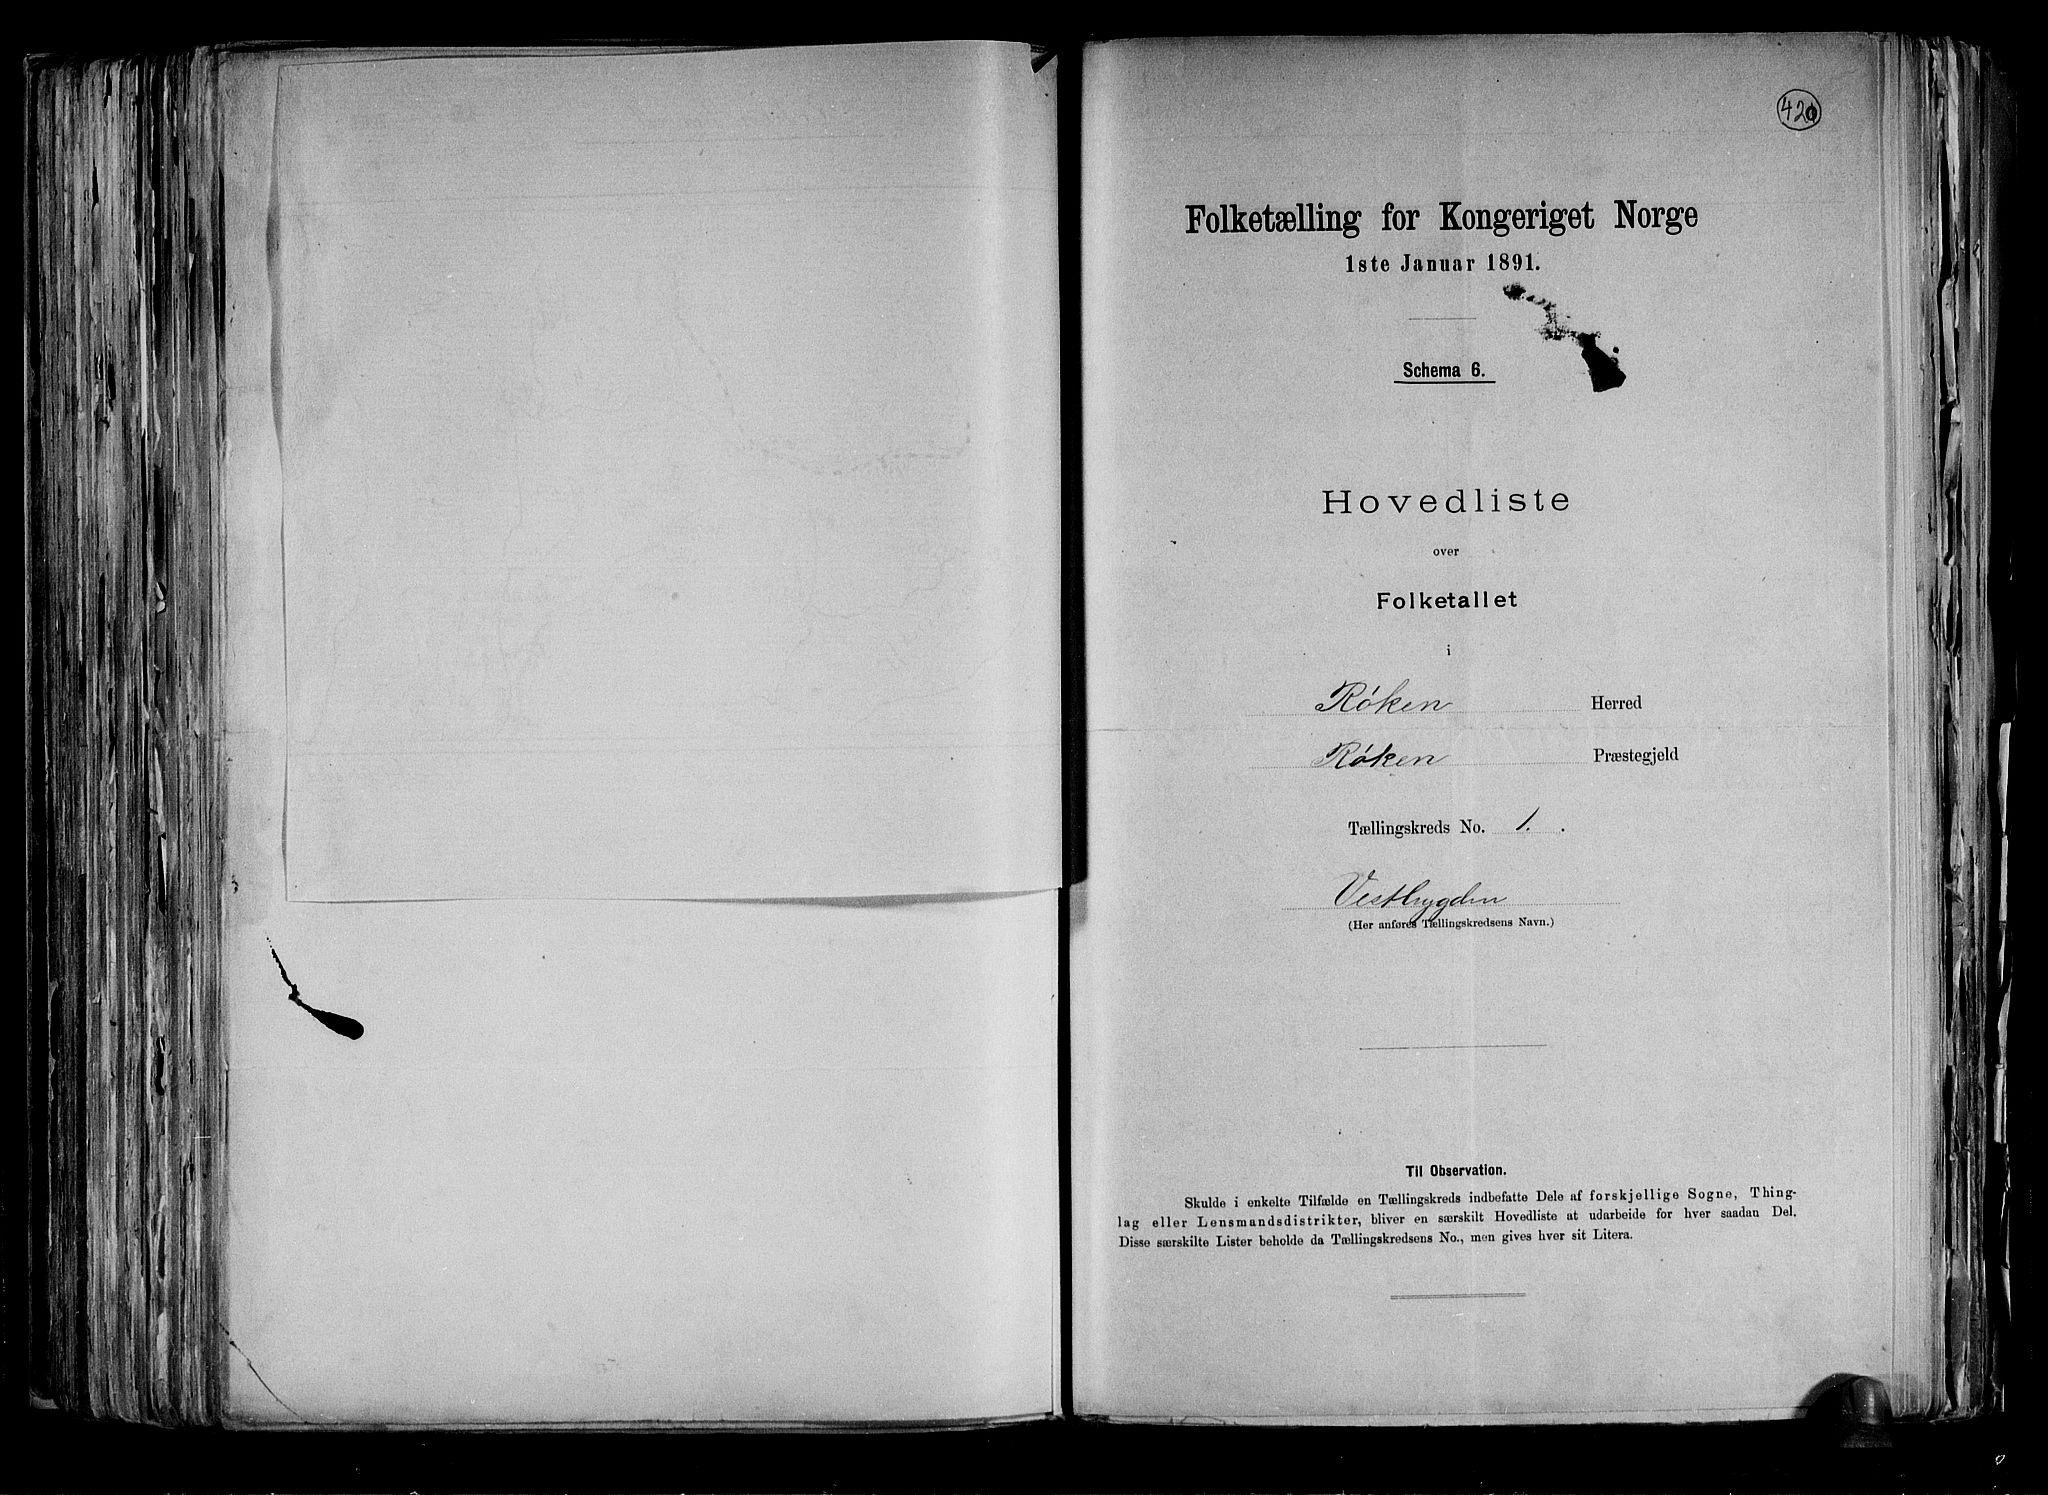 RA, Folketelling 1891 for 0627 Røyken herred, 1891, s. 5